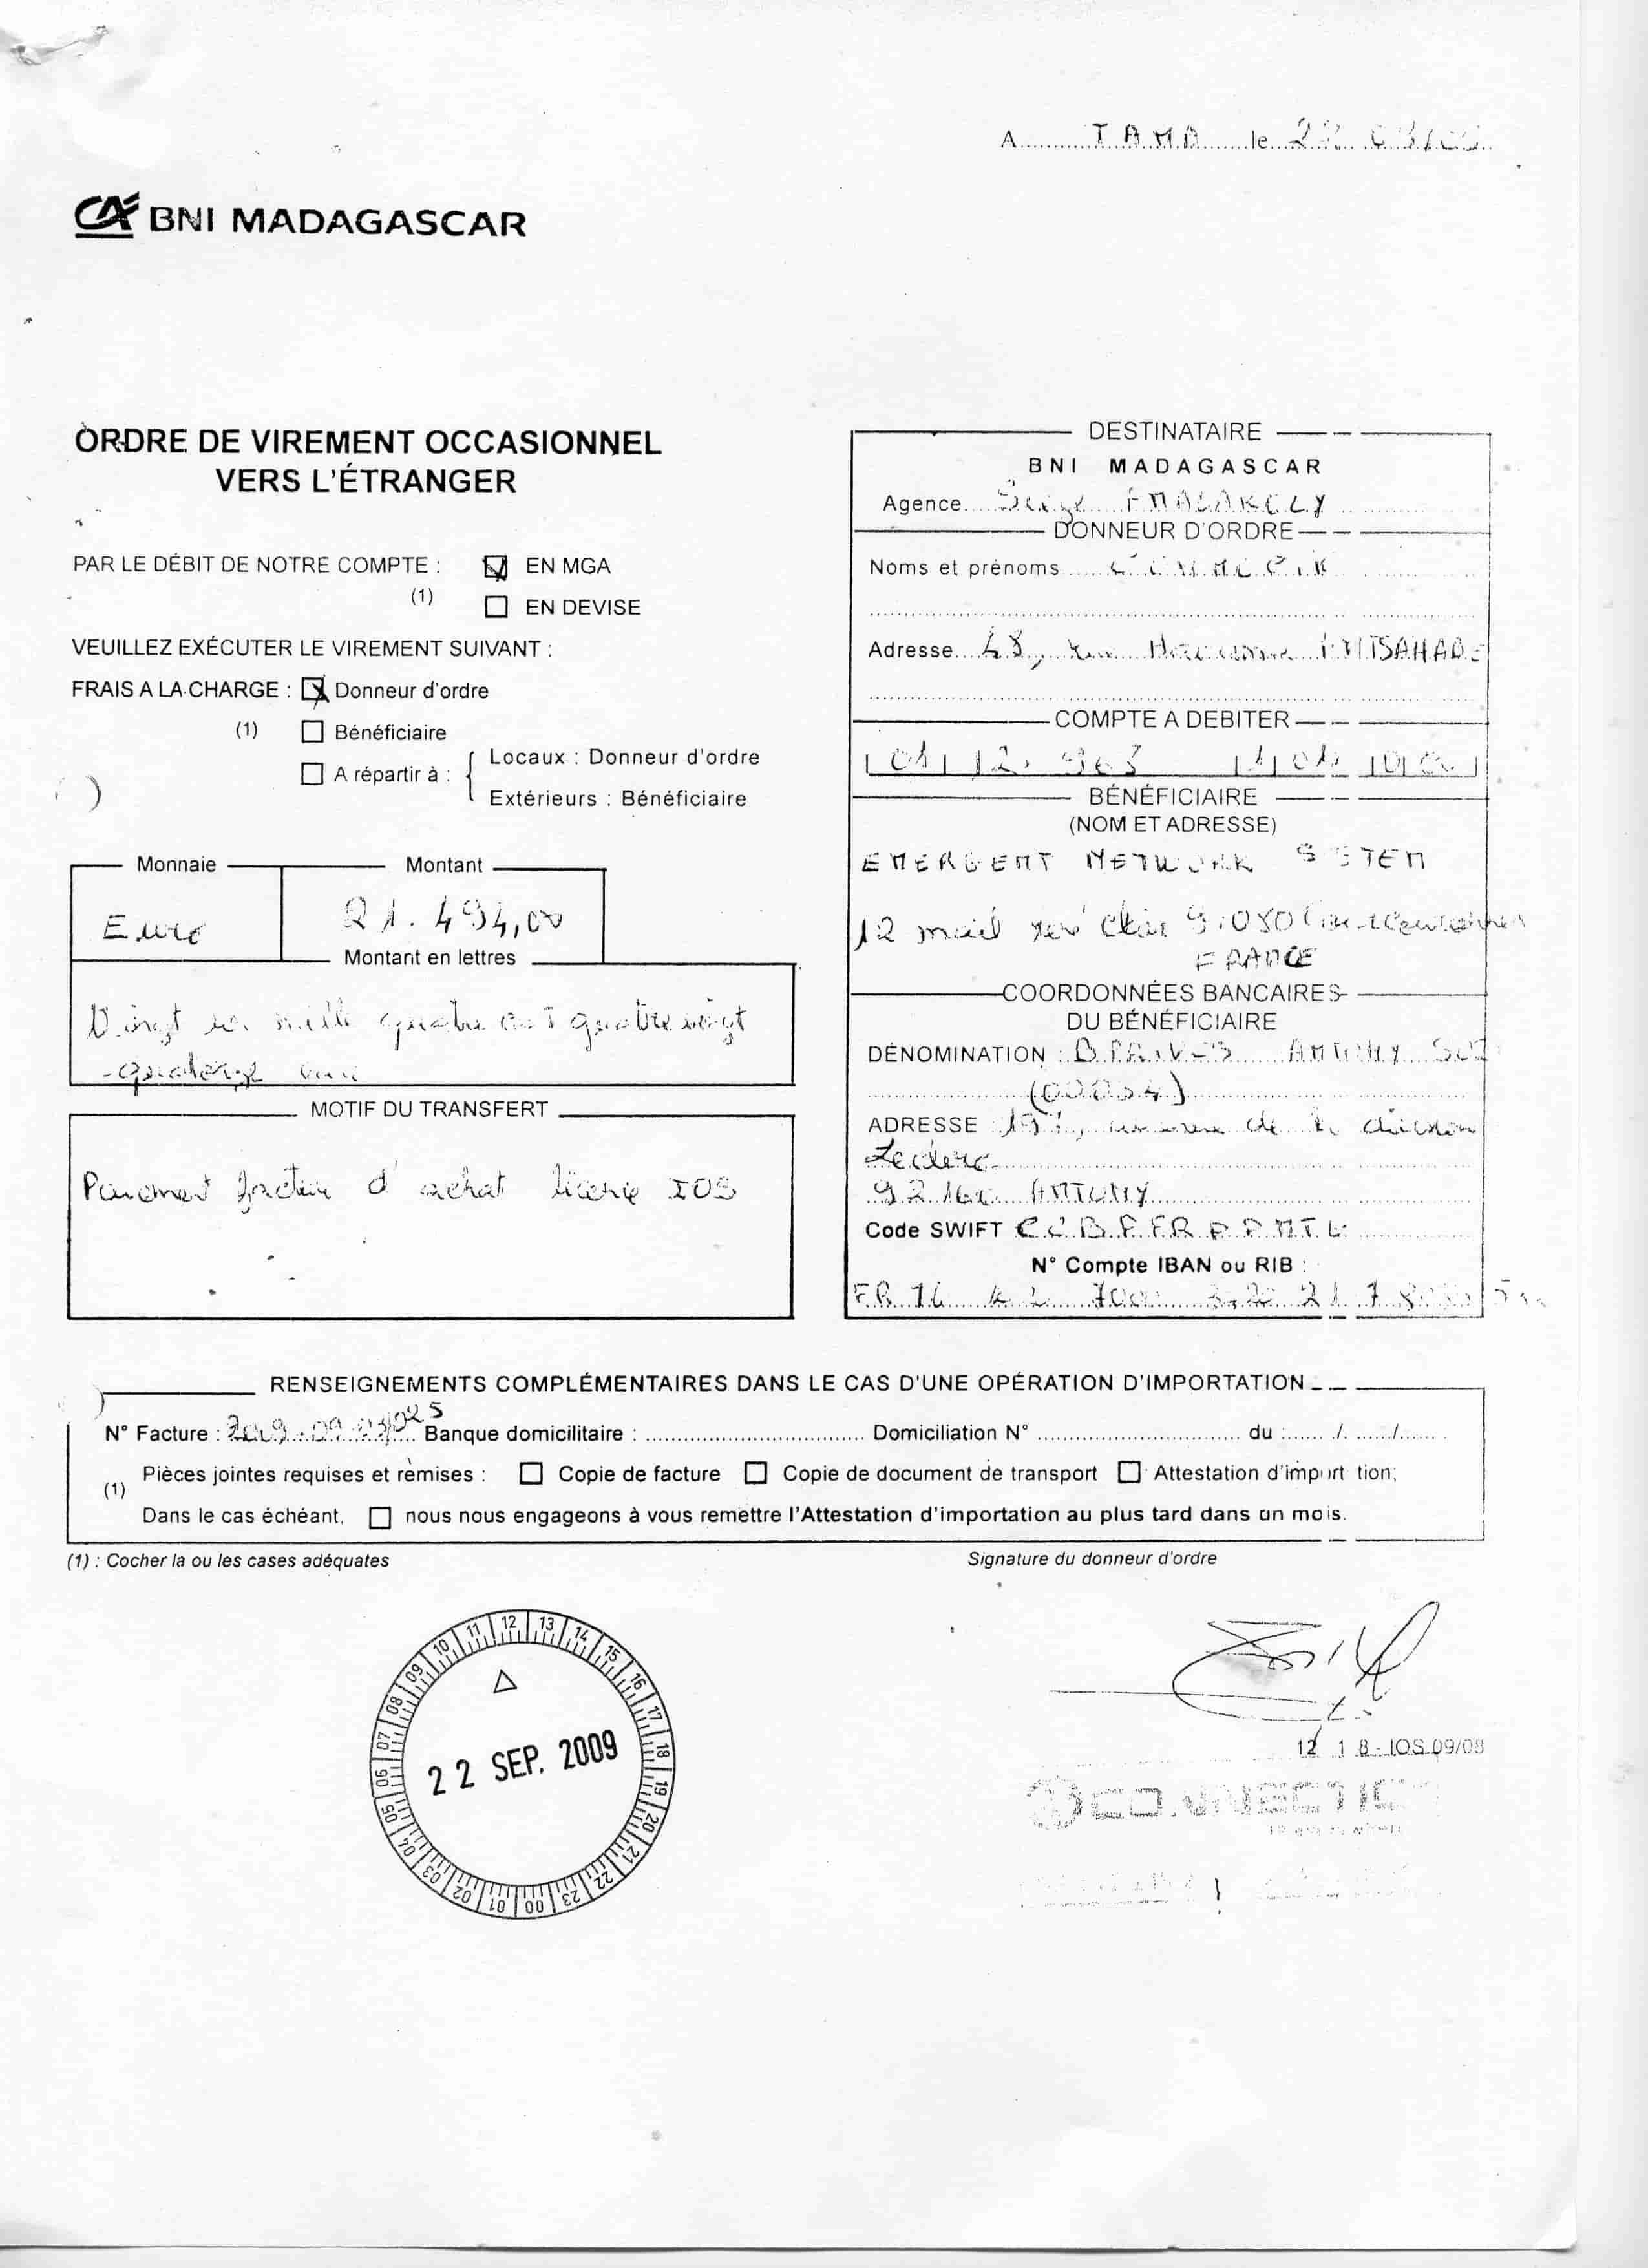 Virement 2009 signé par RANARISON Tsilavo 7 min 1 - En 2009, RANARISON Tsilavo a signé TOUS les ordres de virements bancaires de CONNECTIC Madagascar  vers EMERGENT